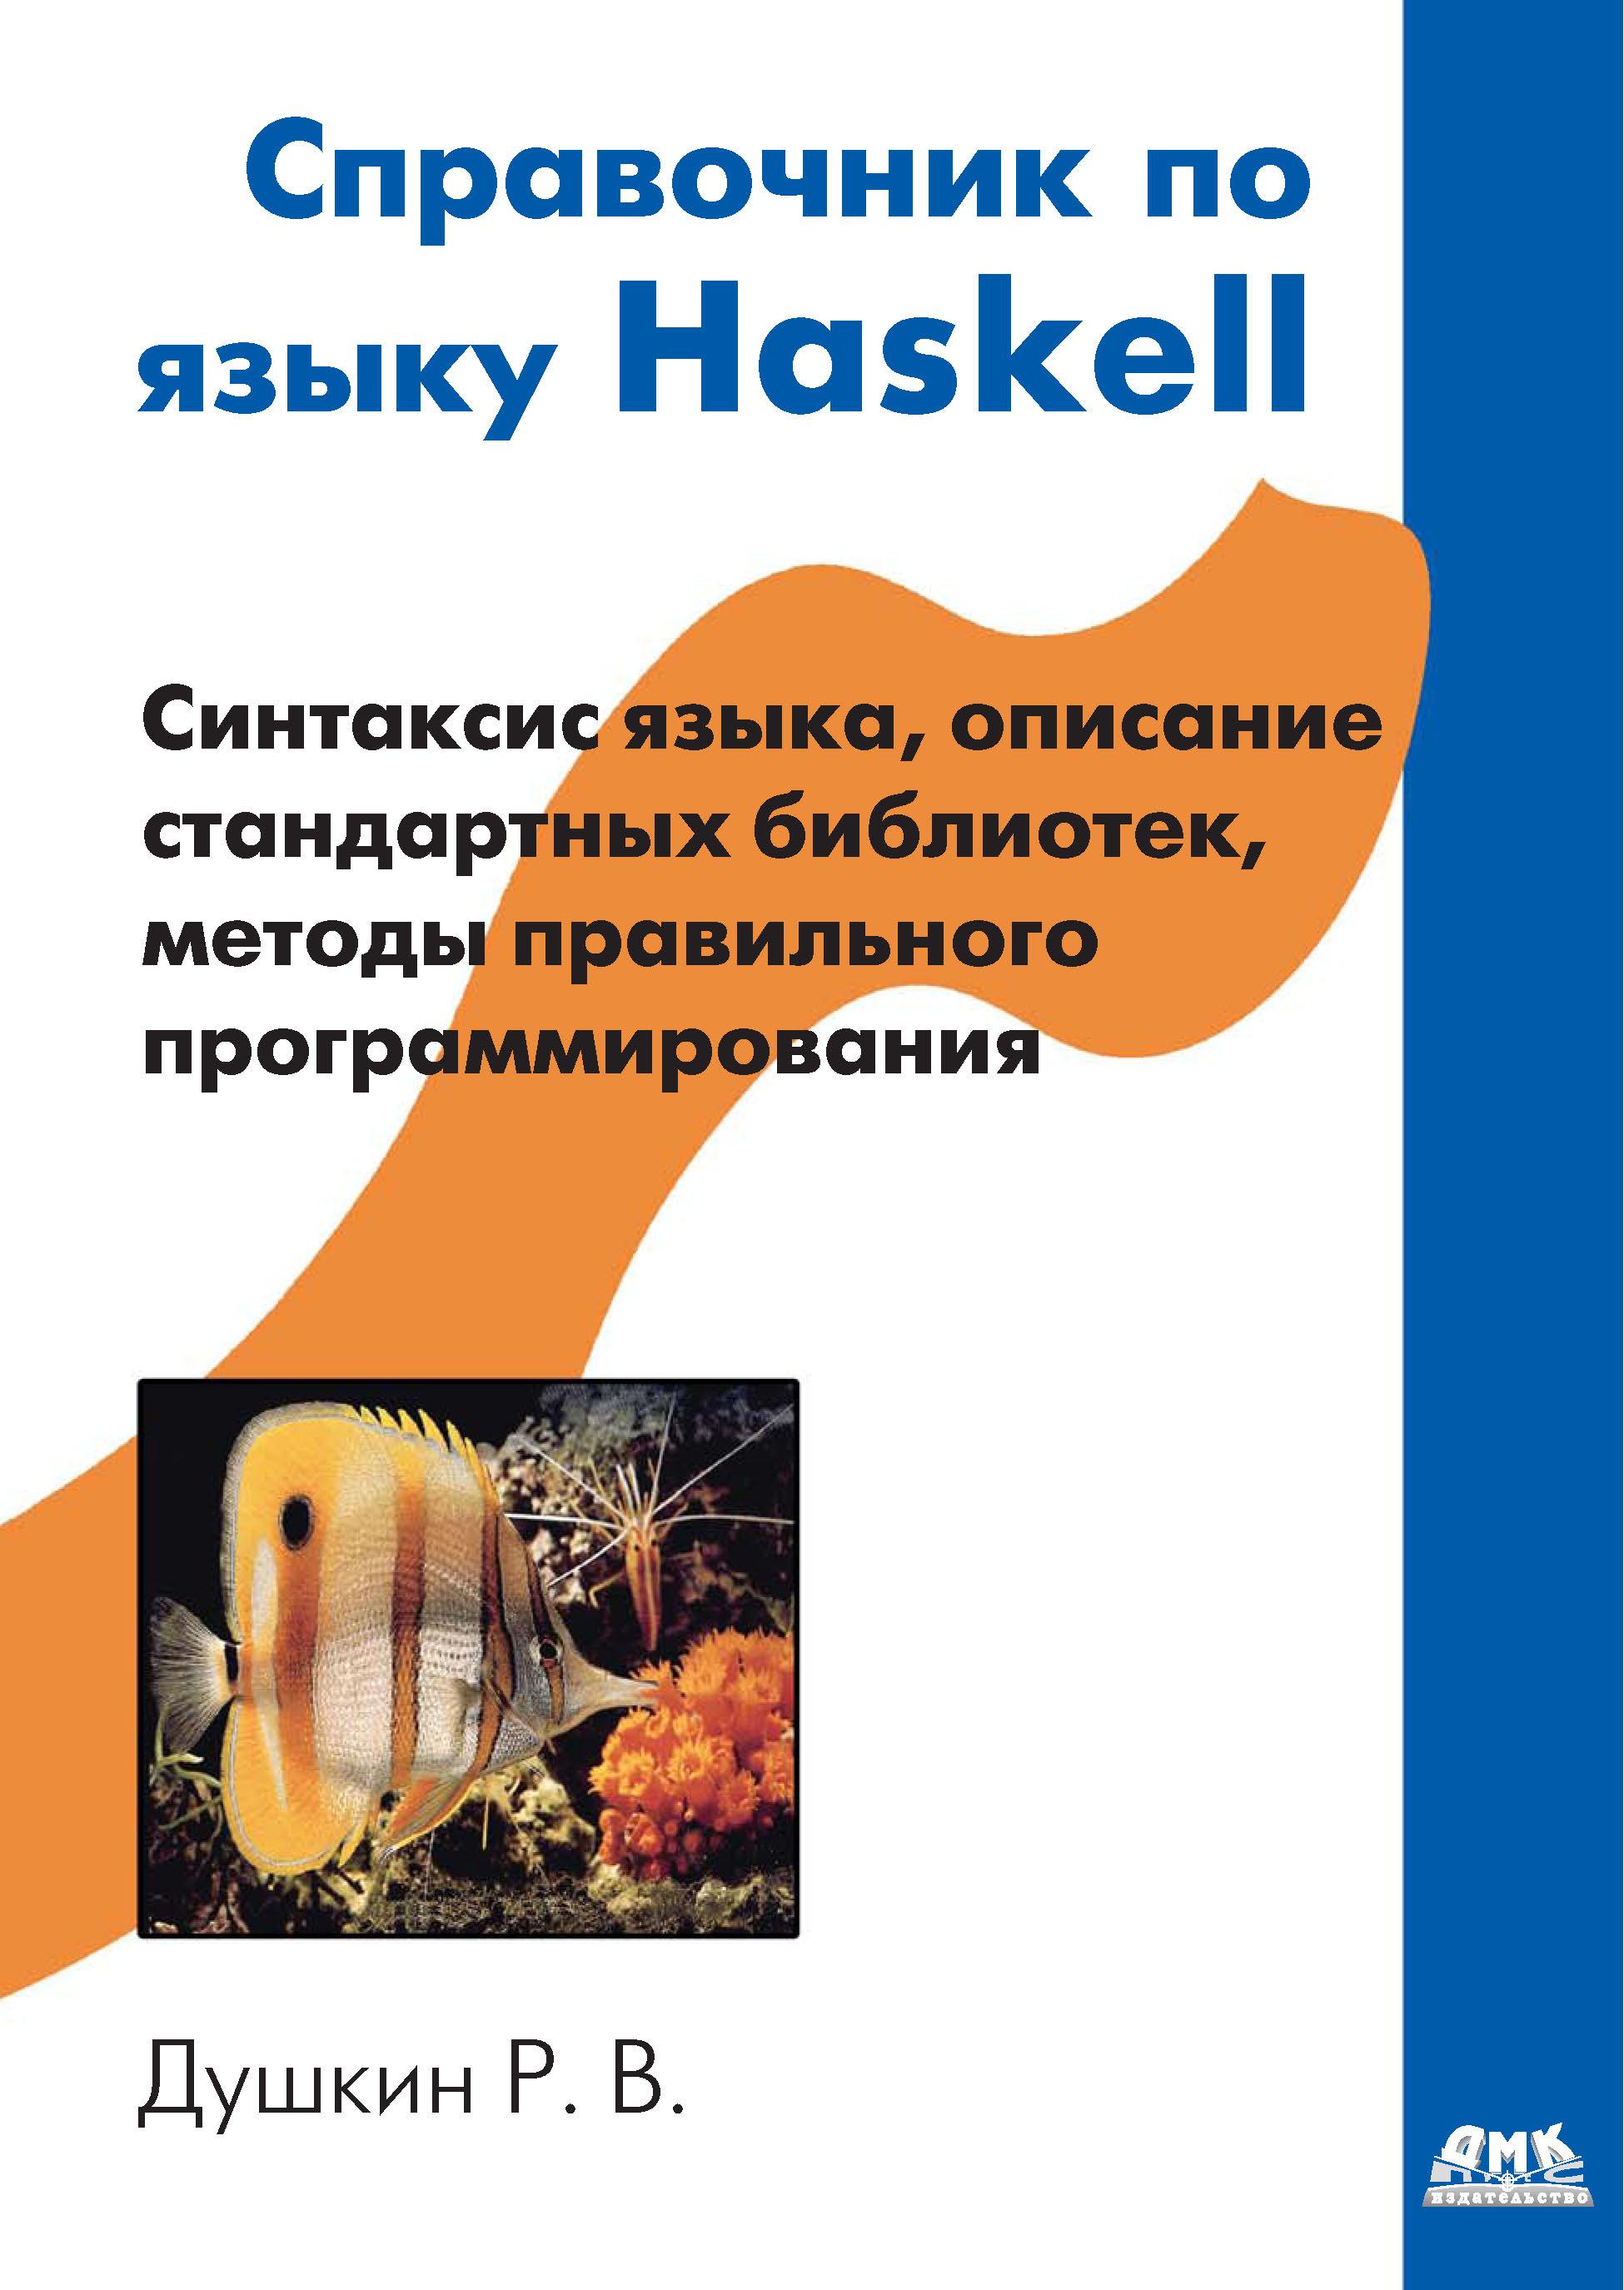 Р. В. Душкин Справочник по языку Haskell